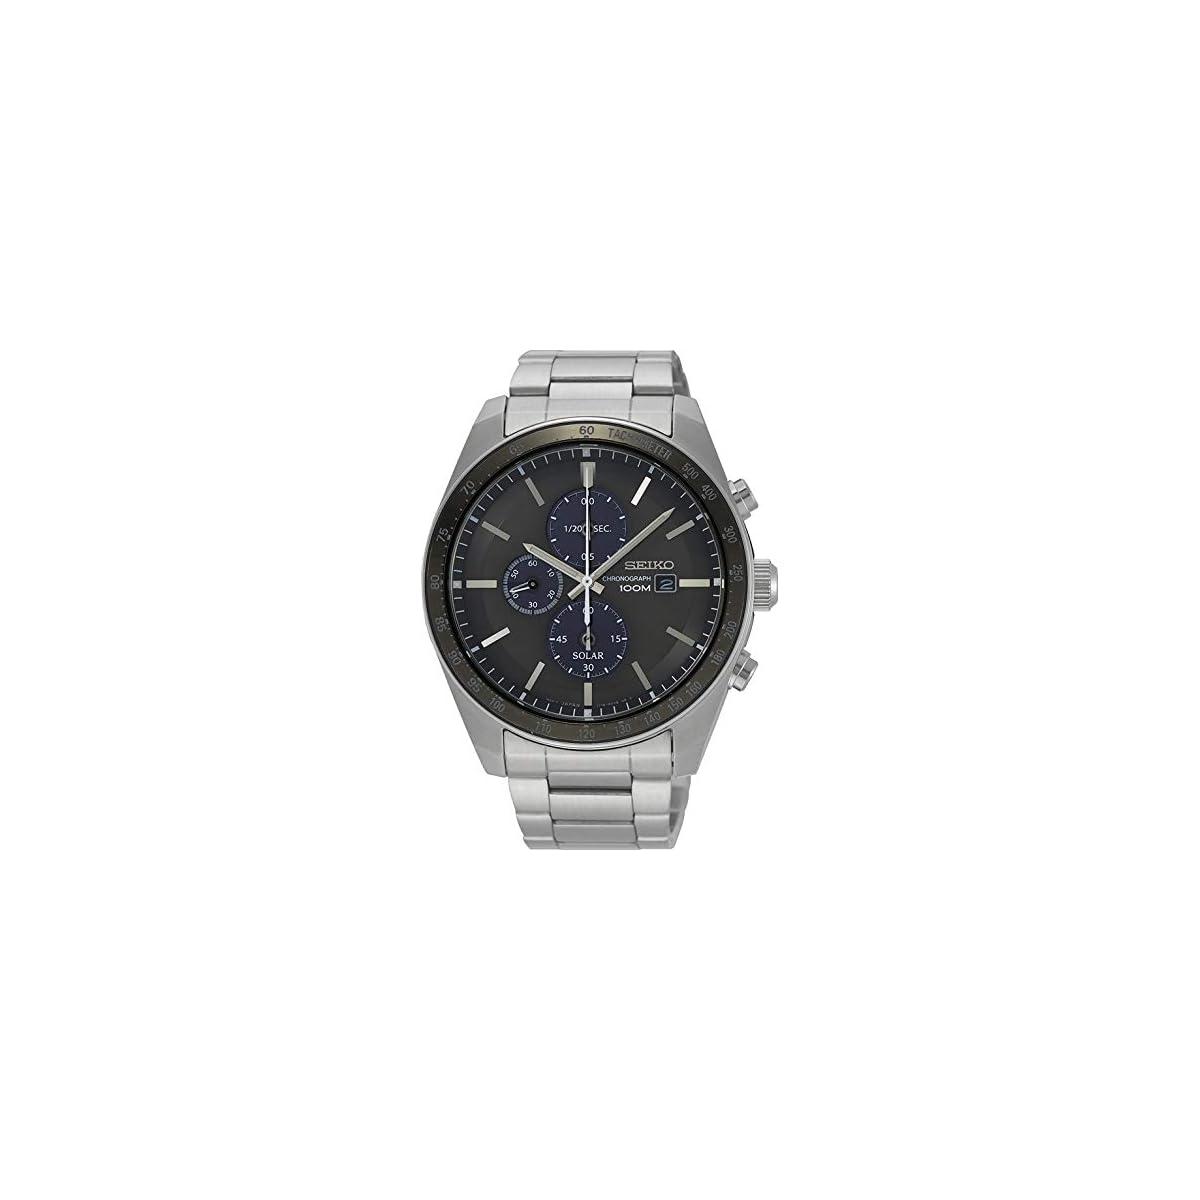 51I6Zii8QpL. SS1200  - Seiko Reloj Cronógrafo para Unisex Adultos de Cuarzo con Correa en Acero Inoxidable SSC715P1